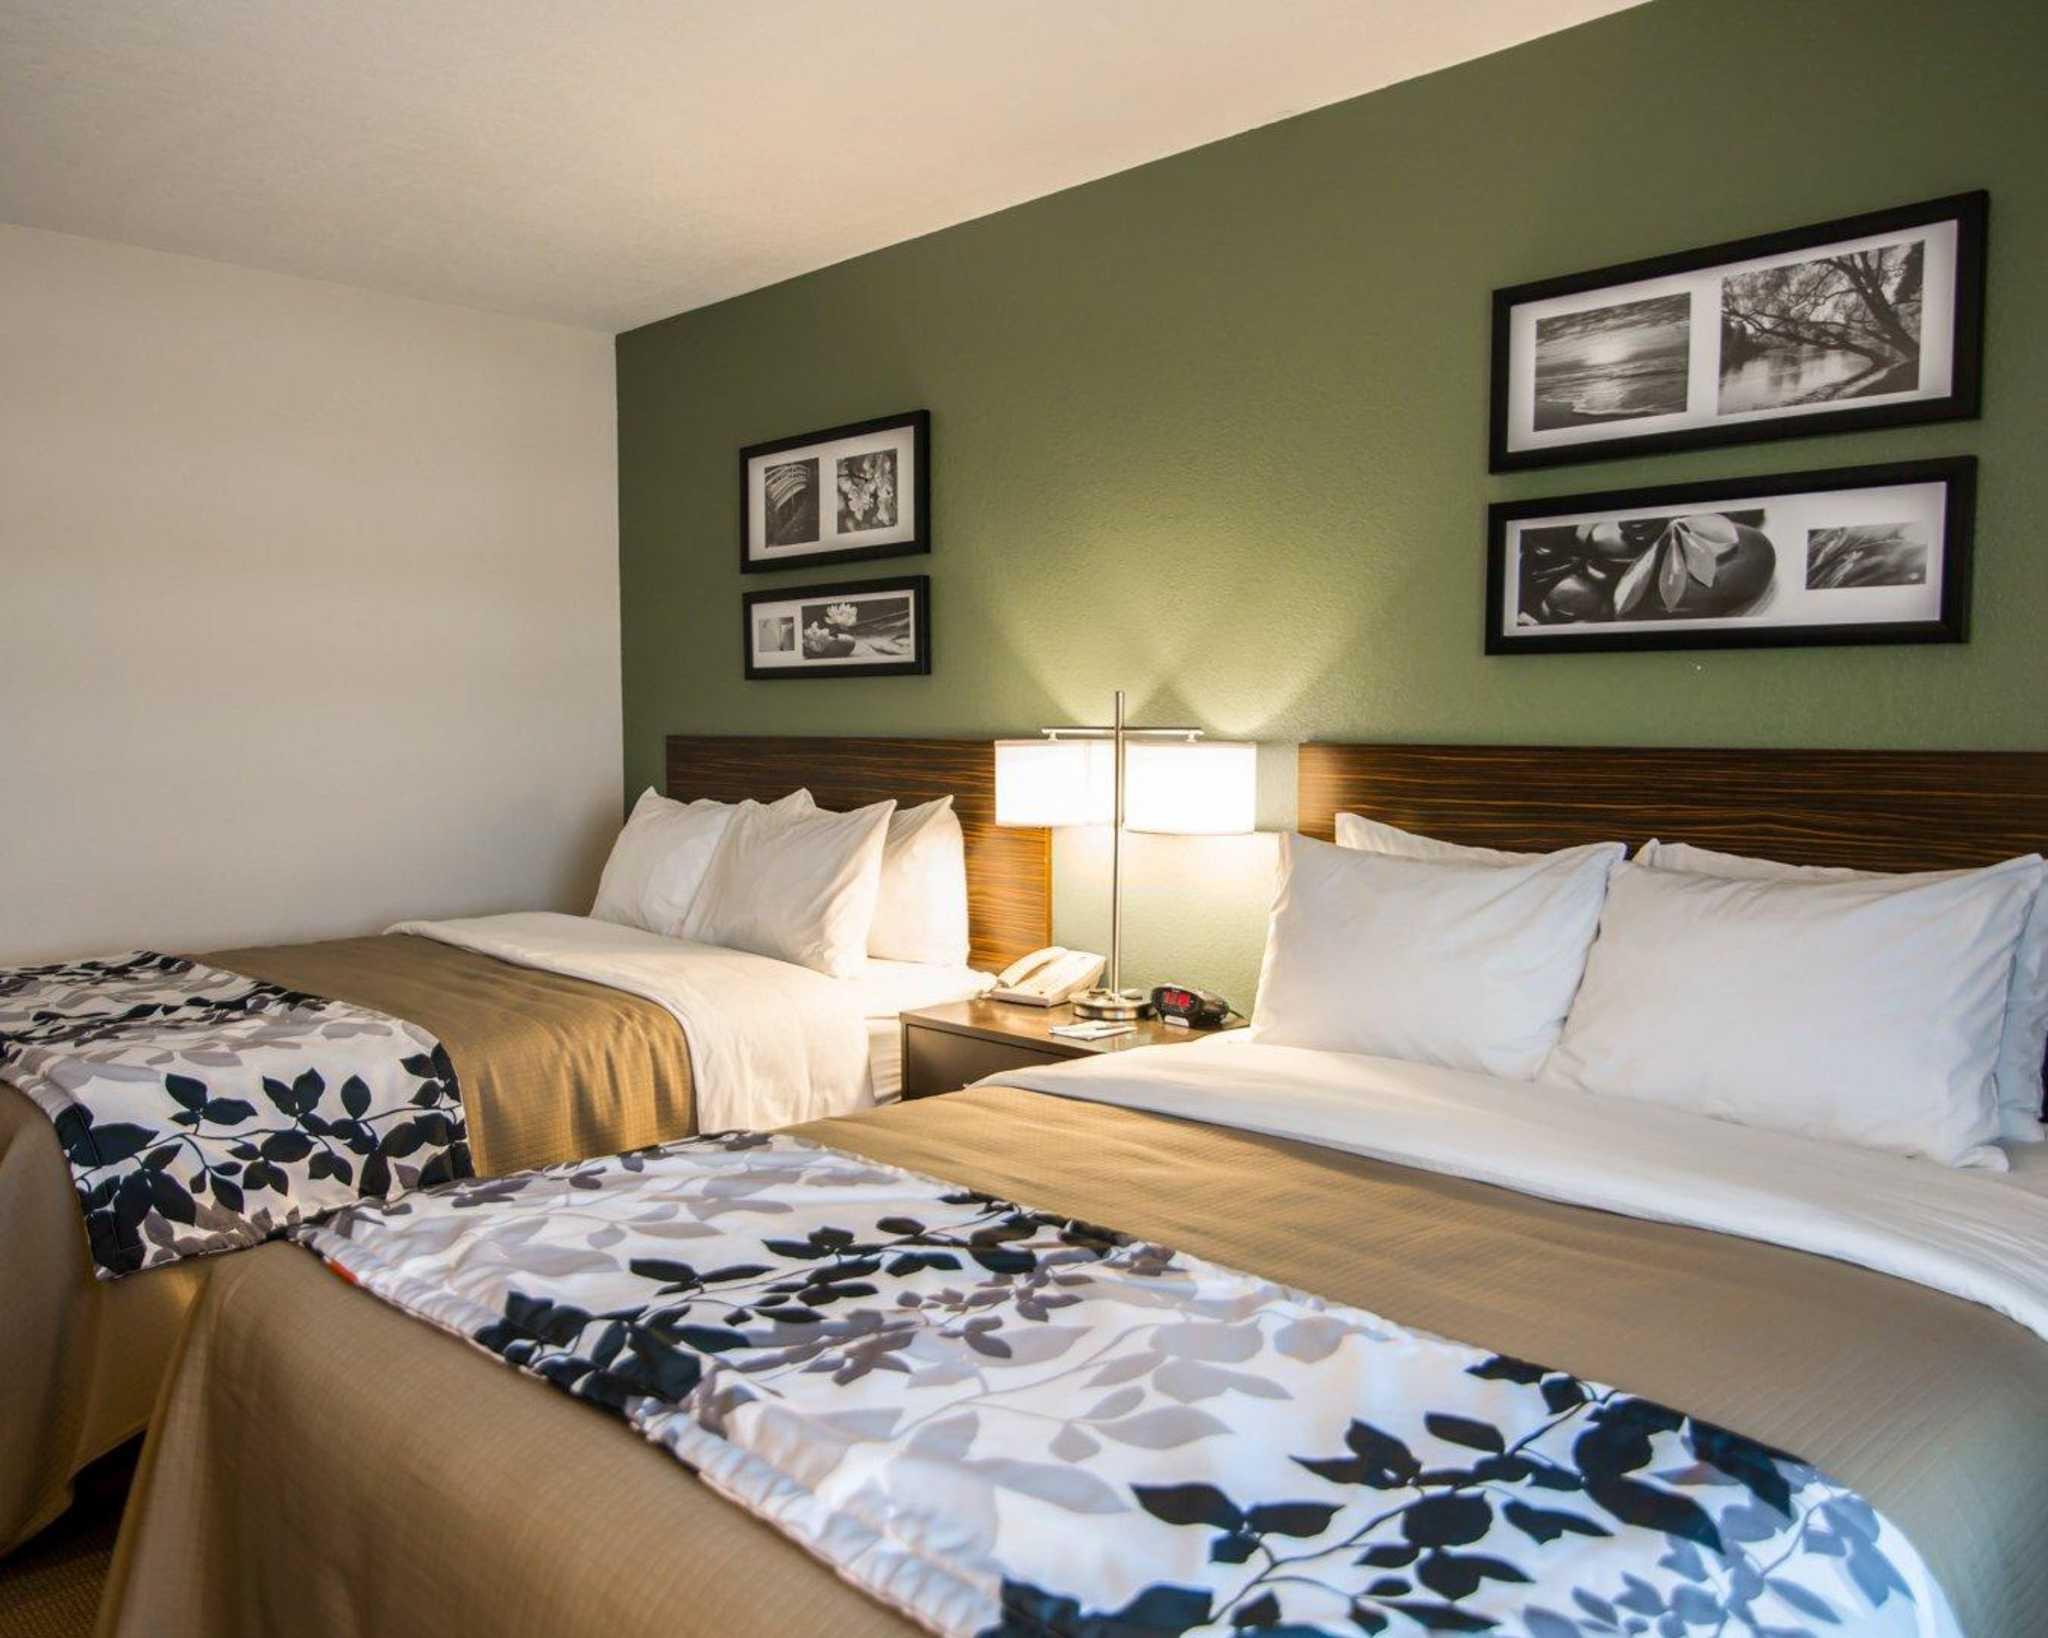 Hotel Rooms In Garden City Ks